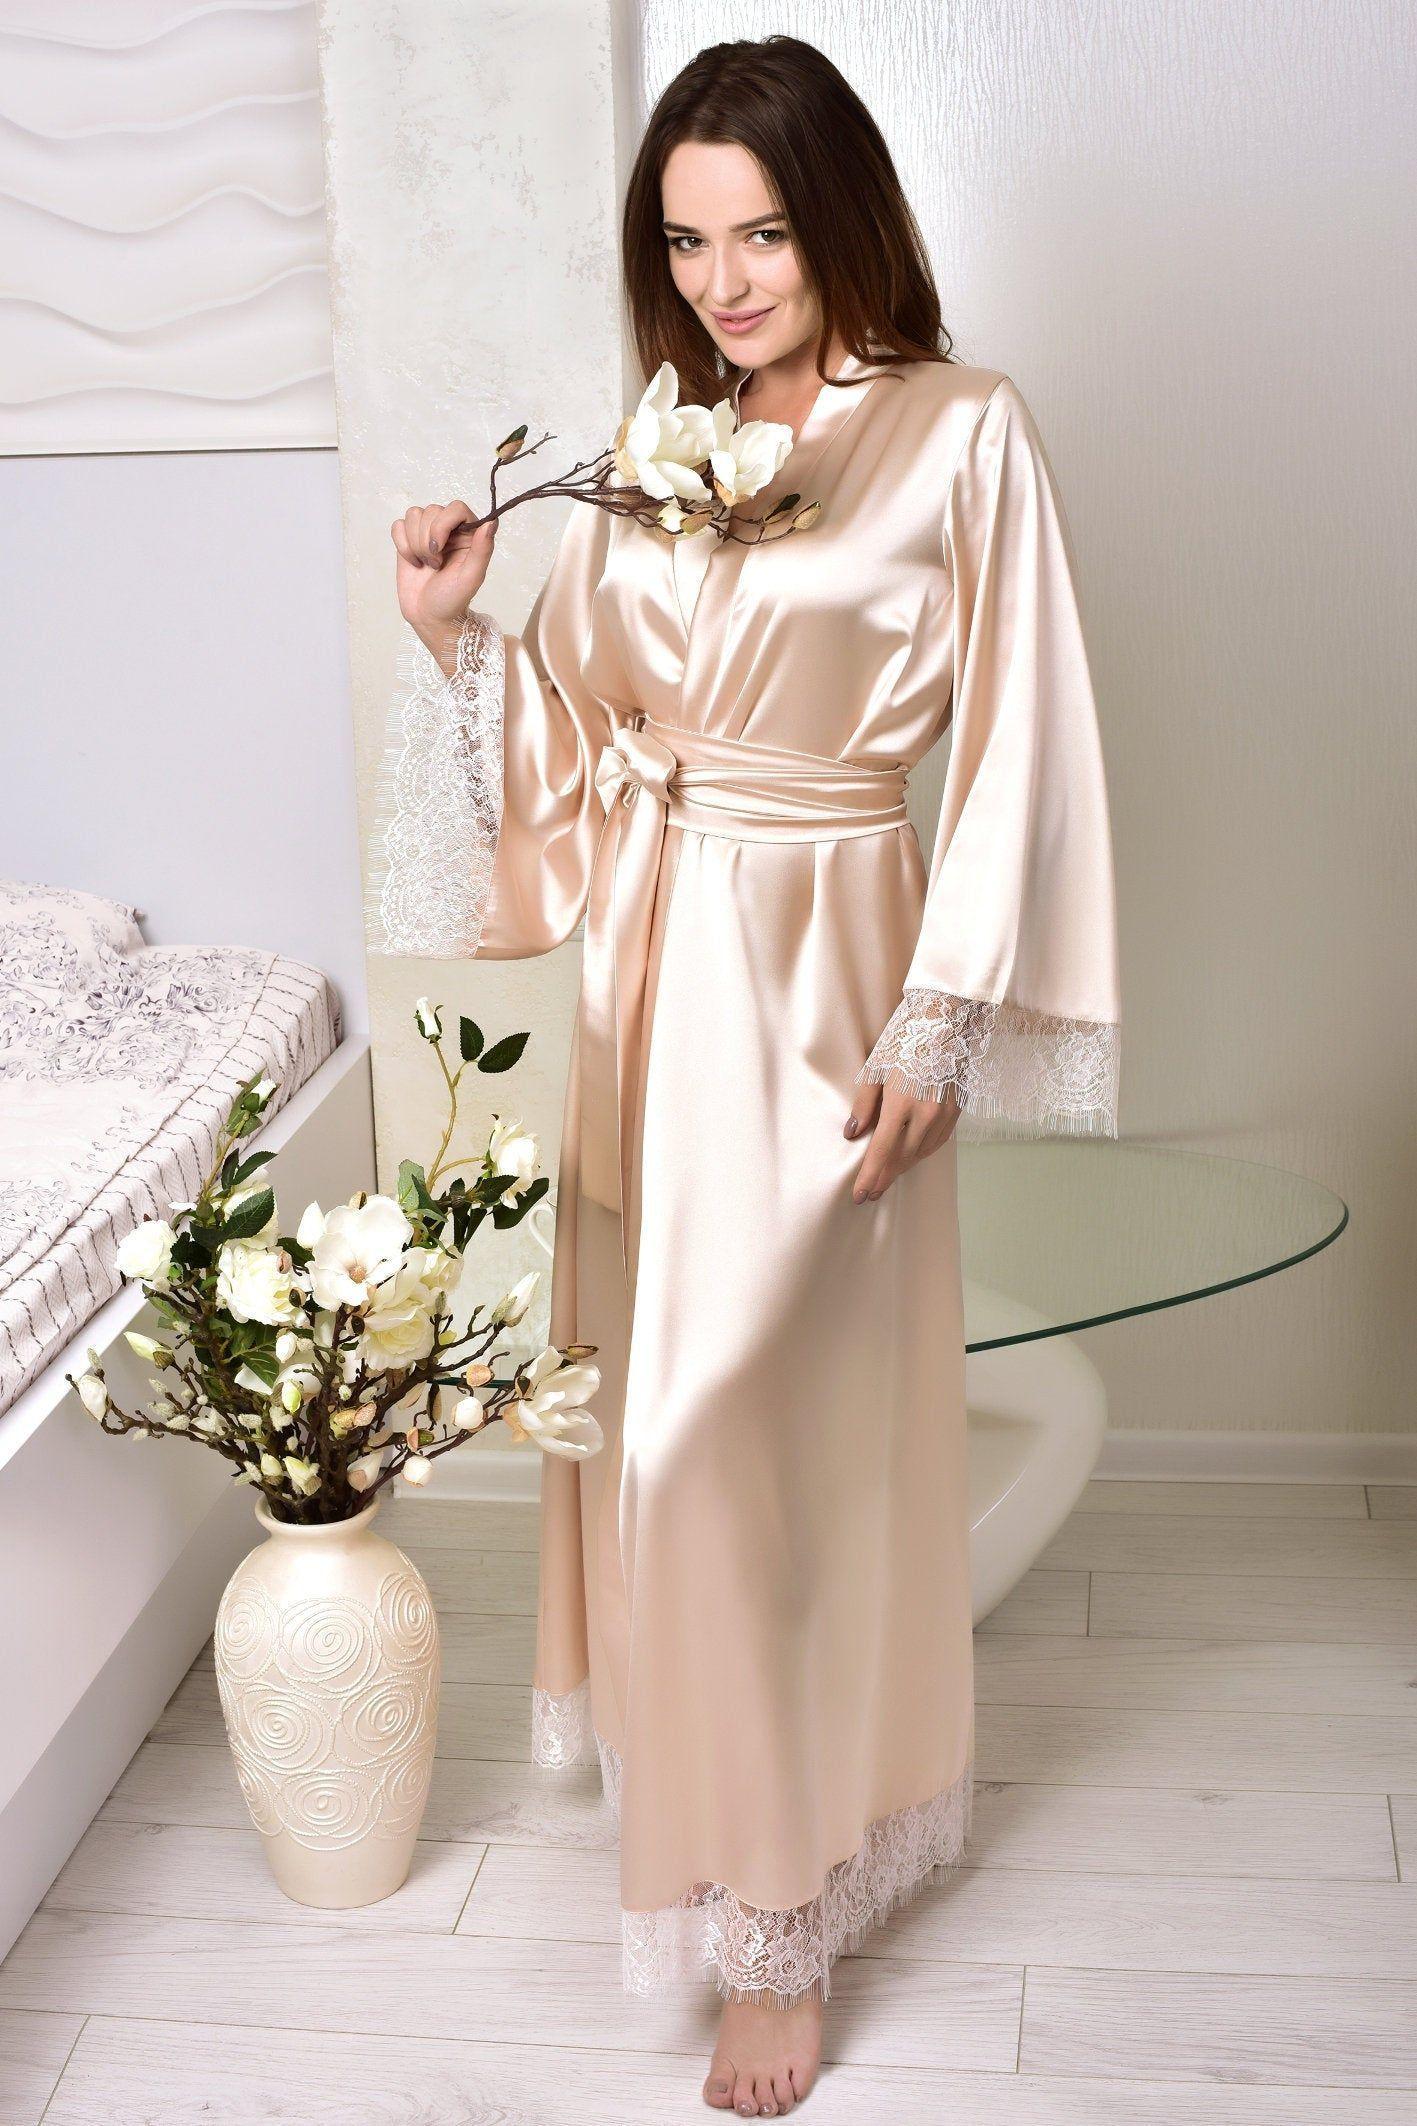 Satin Personalisierte Hochzeit Robe Brautjungfer Braut Brautigam Mutter Seide Morgenmantel Silk Dressing Gown Wedding Day Robes Bride Dressing Gown